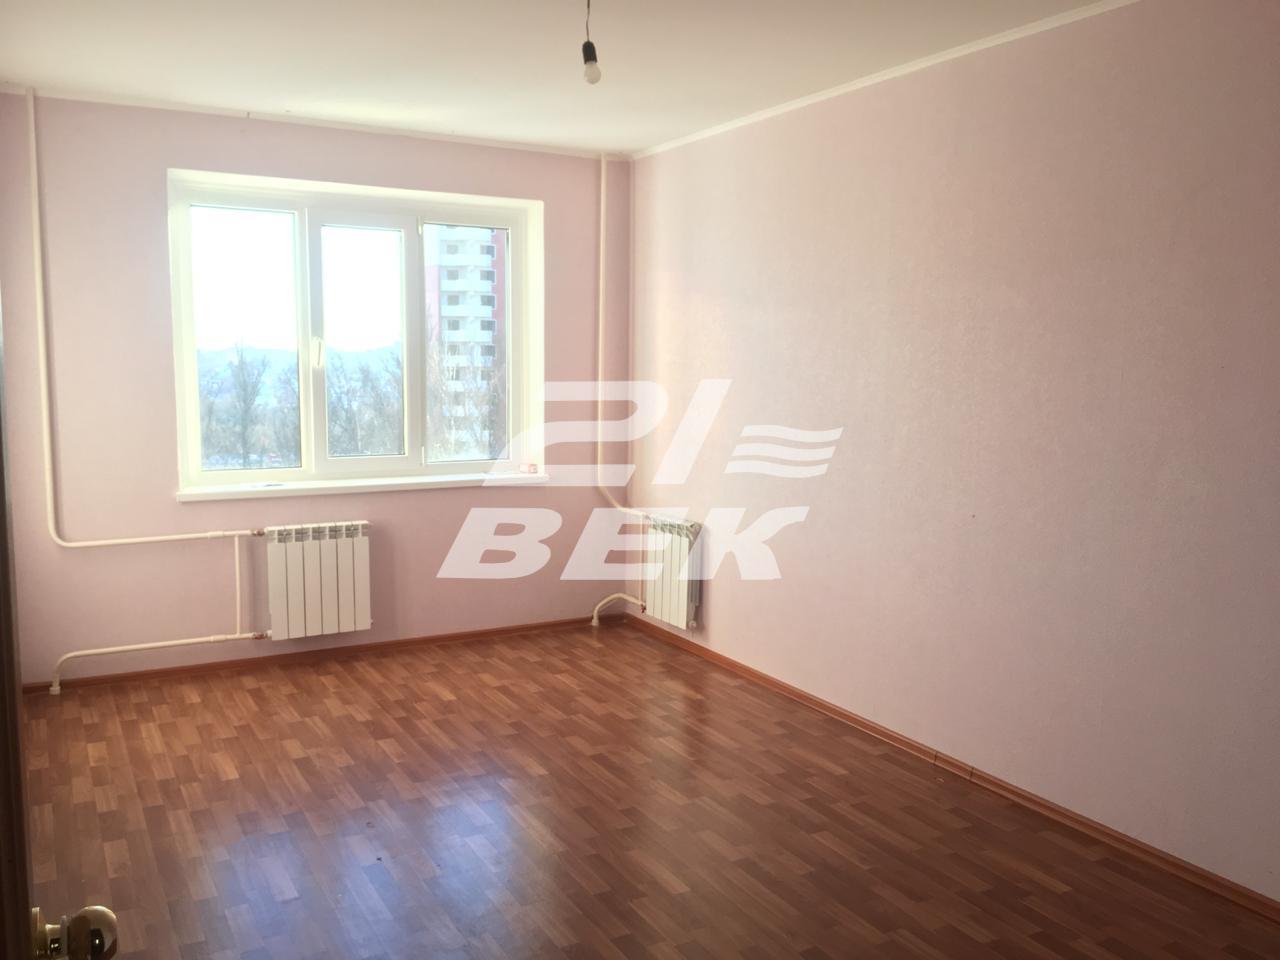 Продам 3-комнатную квартиру в городе Курск, на улице проспект Анатолия Дериглазова, 7, 8-этаж 17-этажного Панель дома, площадь: 83/48/11 м2